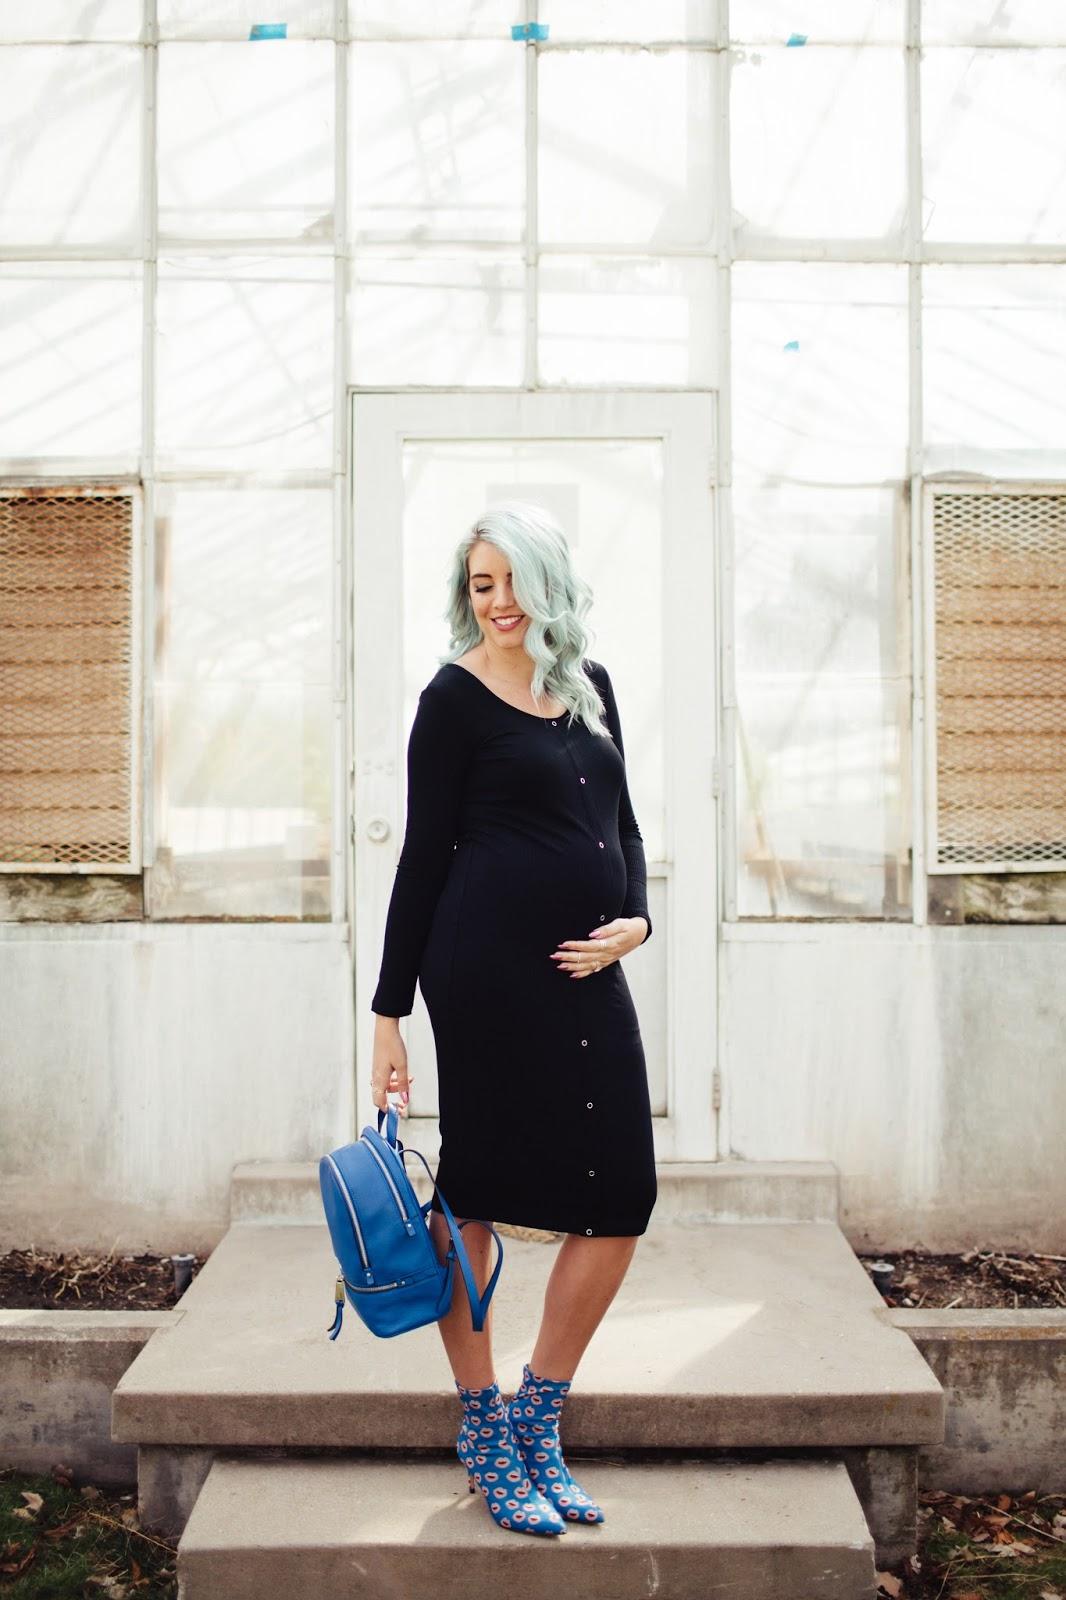 Pregnant Style, Black Dress, Blue Backpack, SeneGence Distributor